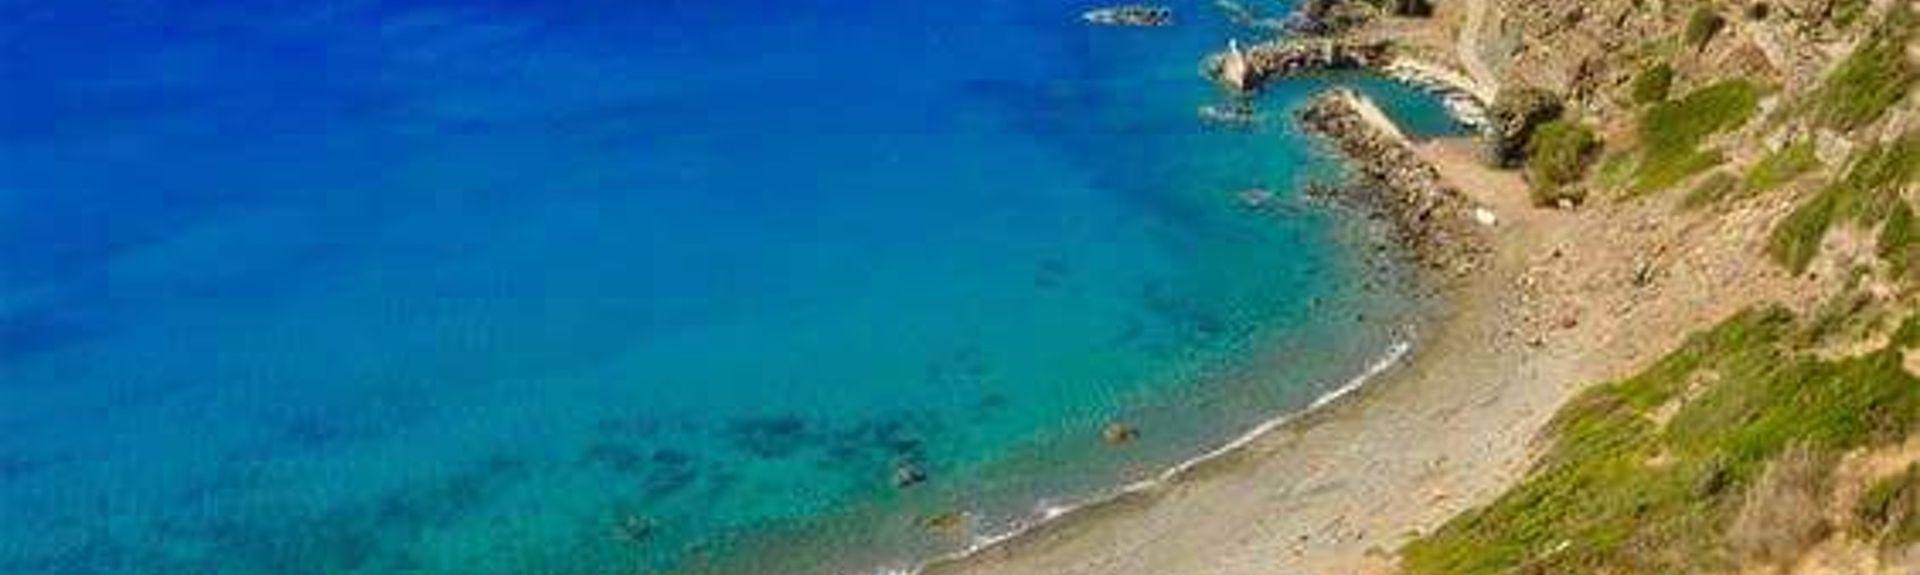 Kreetan yliopisto, Rethymno, Kreetan saari, Kreikka